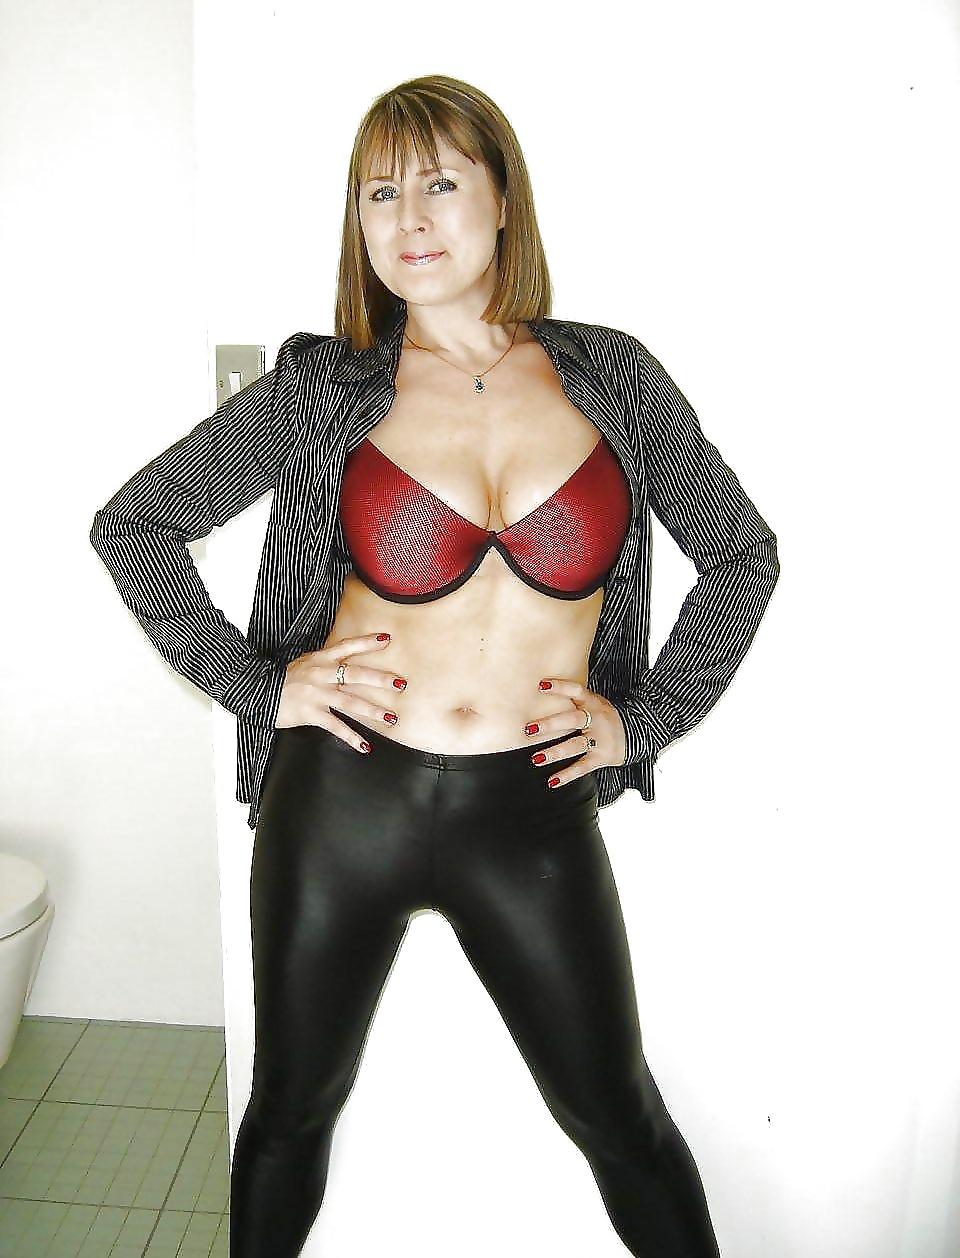 photo sexe rencontres matures salope du 56